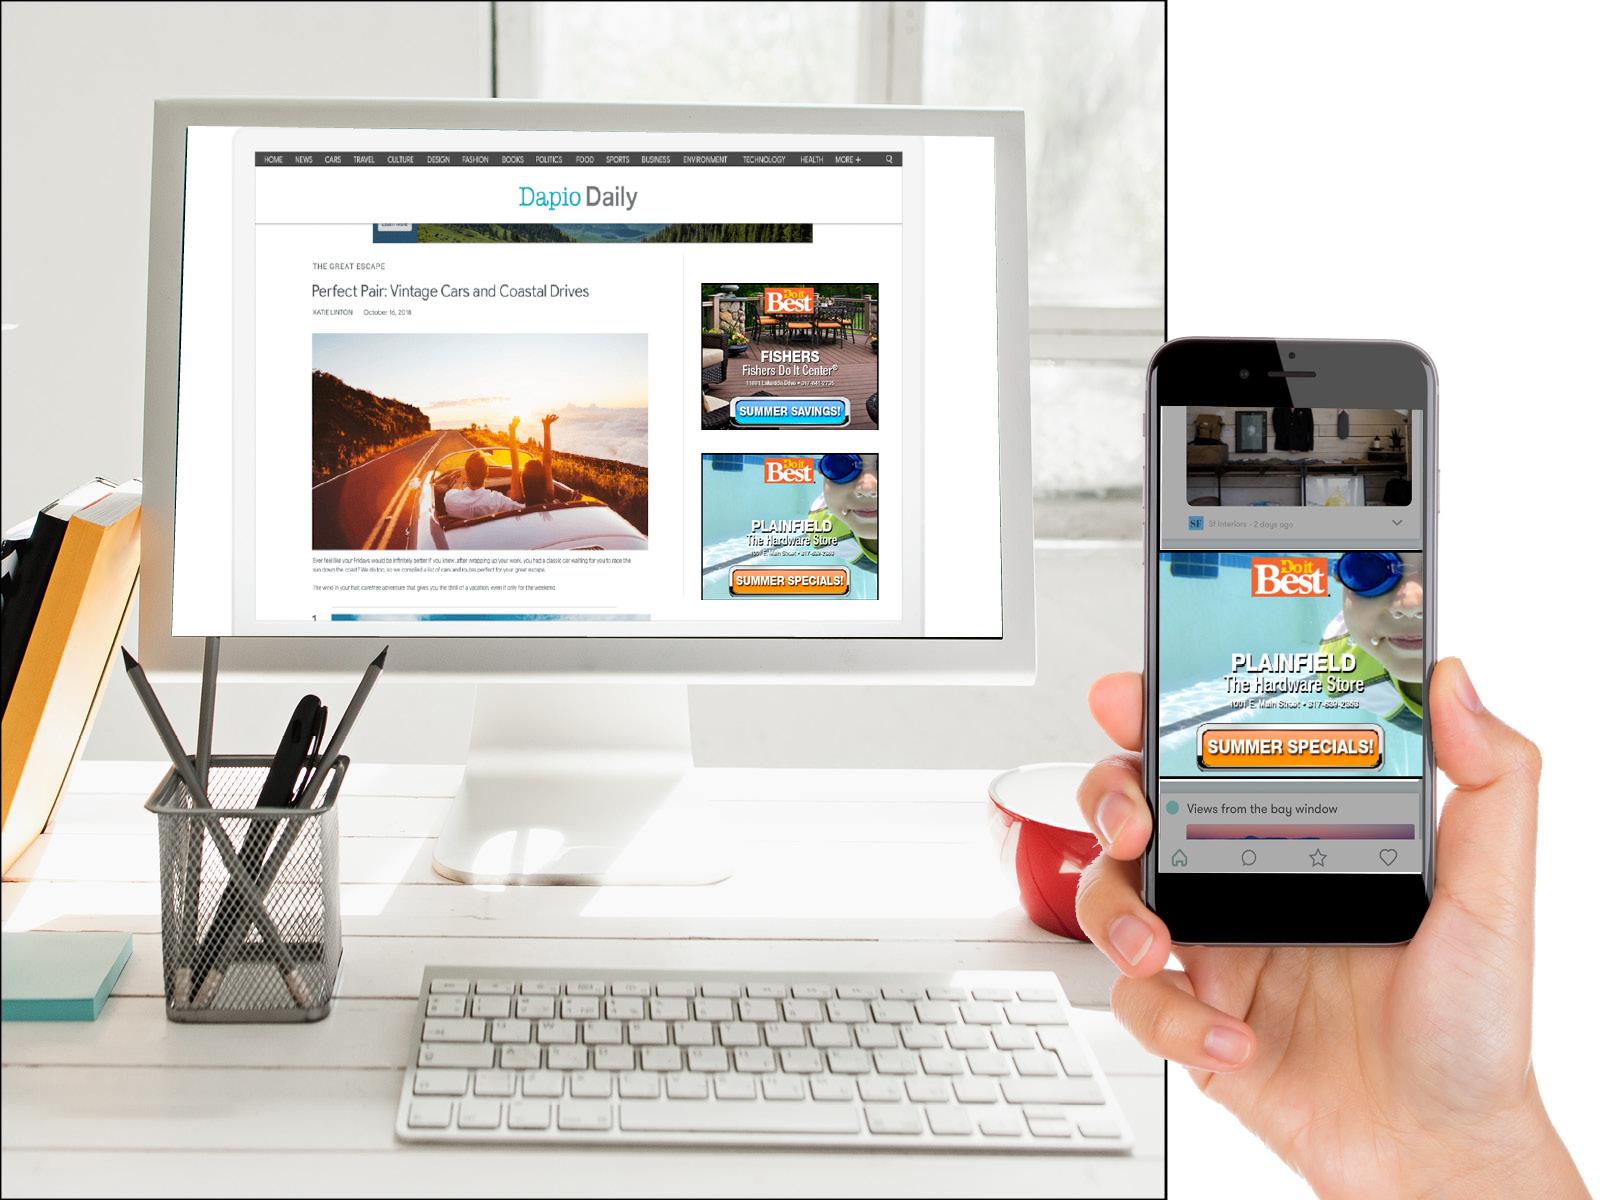 Digital Display Ad Samples